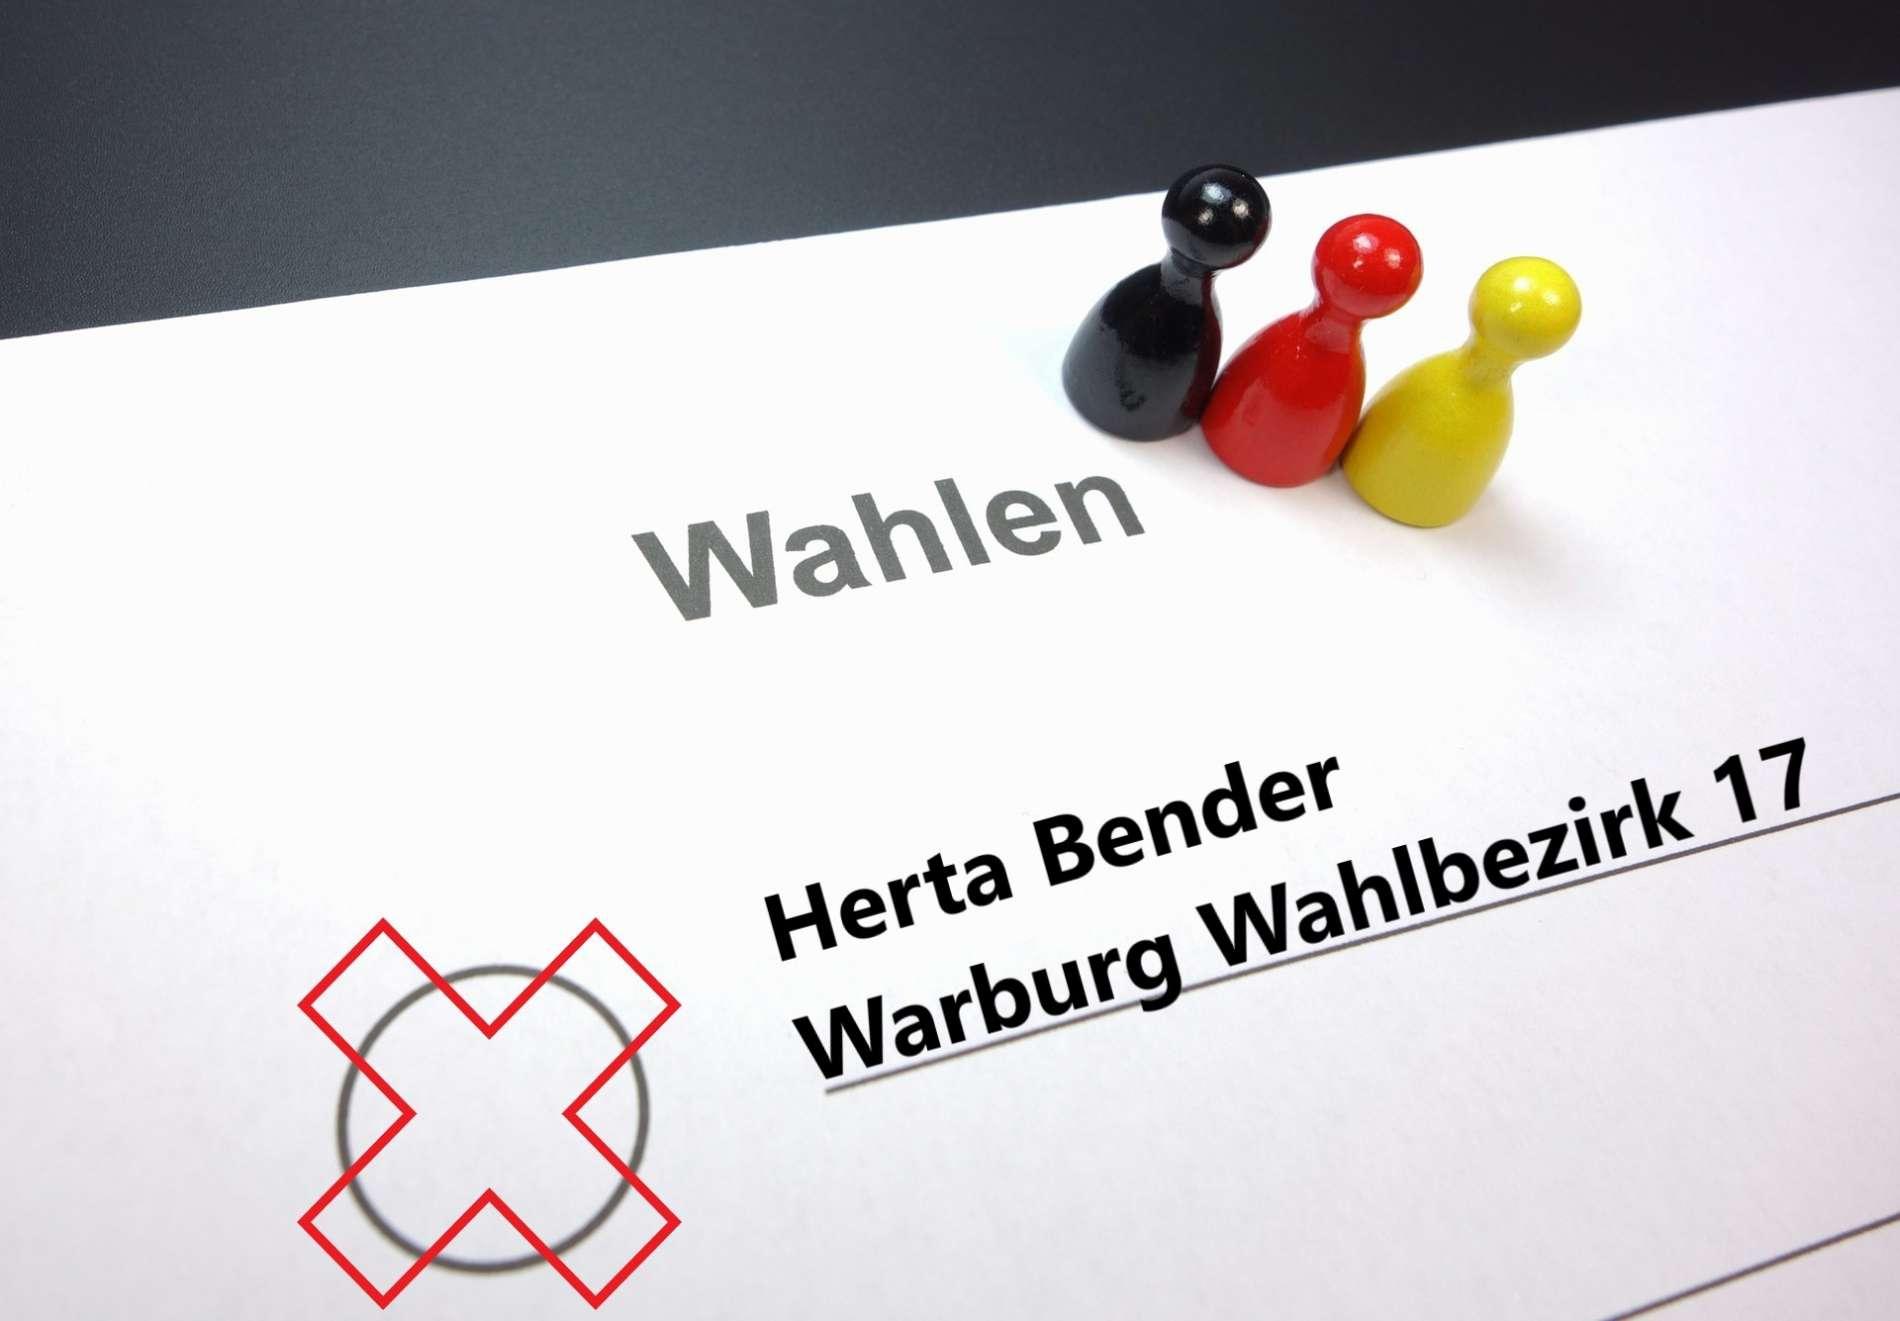 Kommunalwahlen / Gemeinderatswahlen in Warburg: Herta Bender tritt im Wahlbezirk 17 an